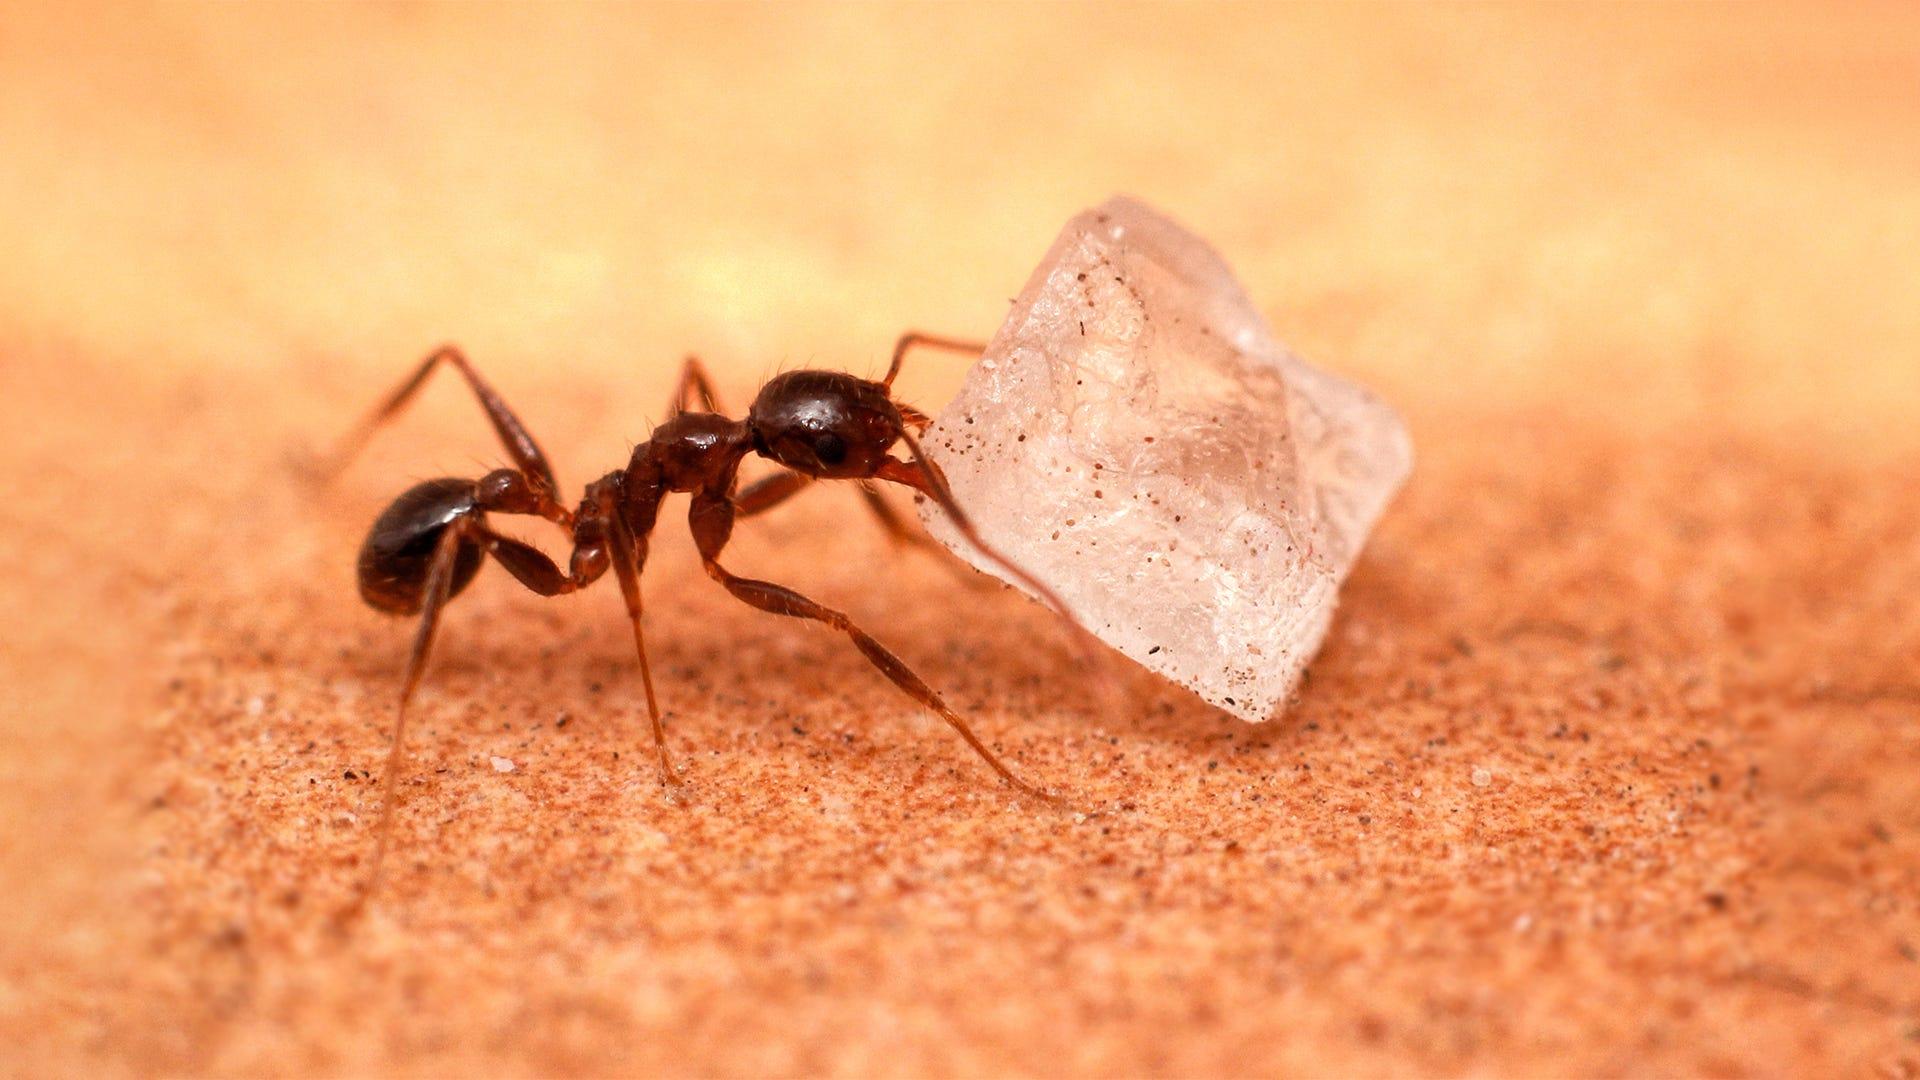 Get Rid of Sugar Ants in 3 Steps